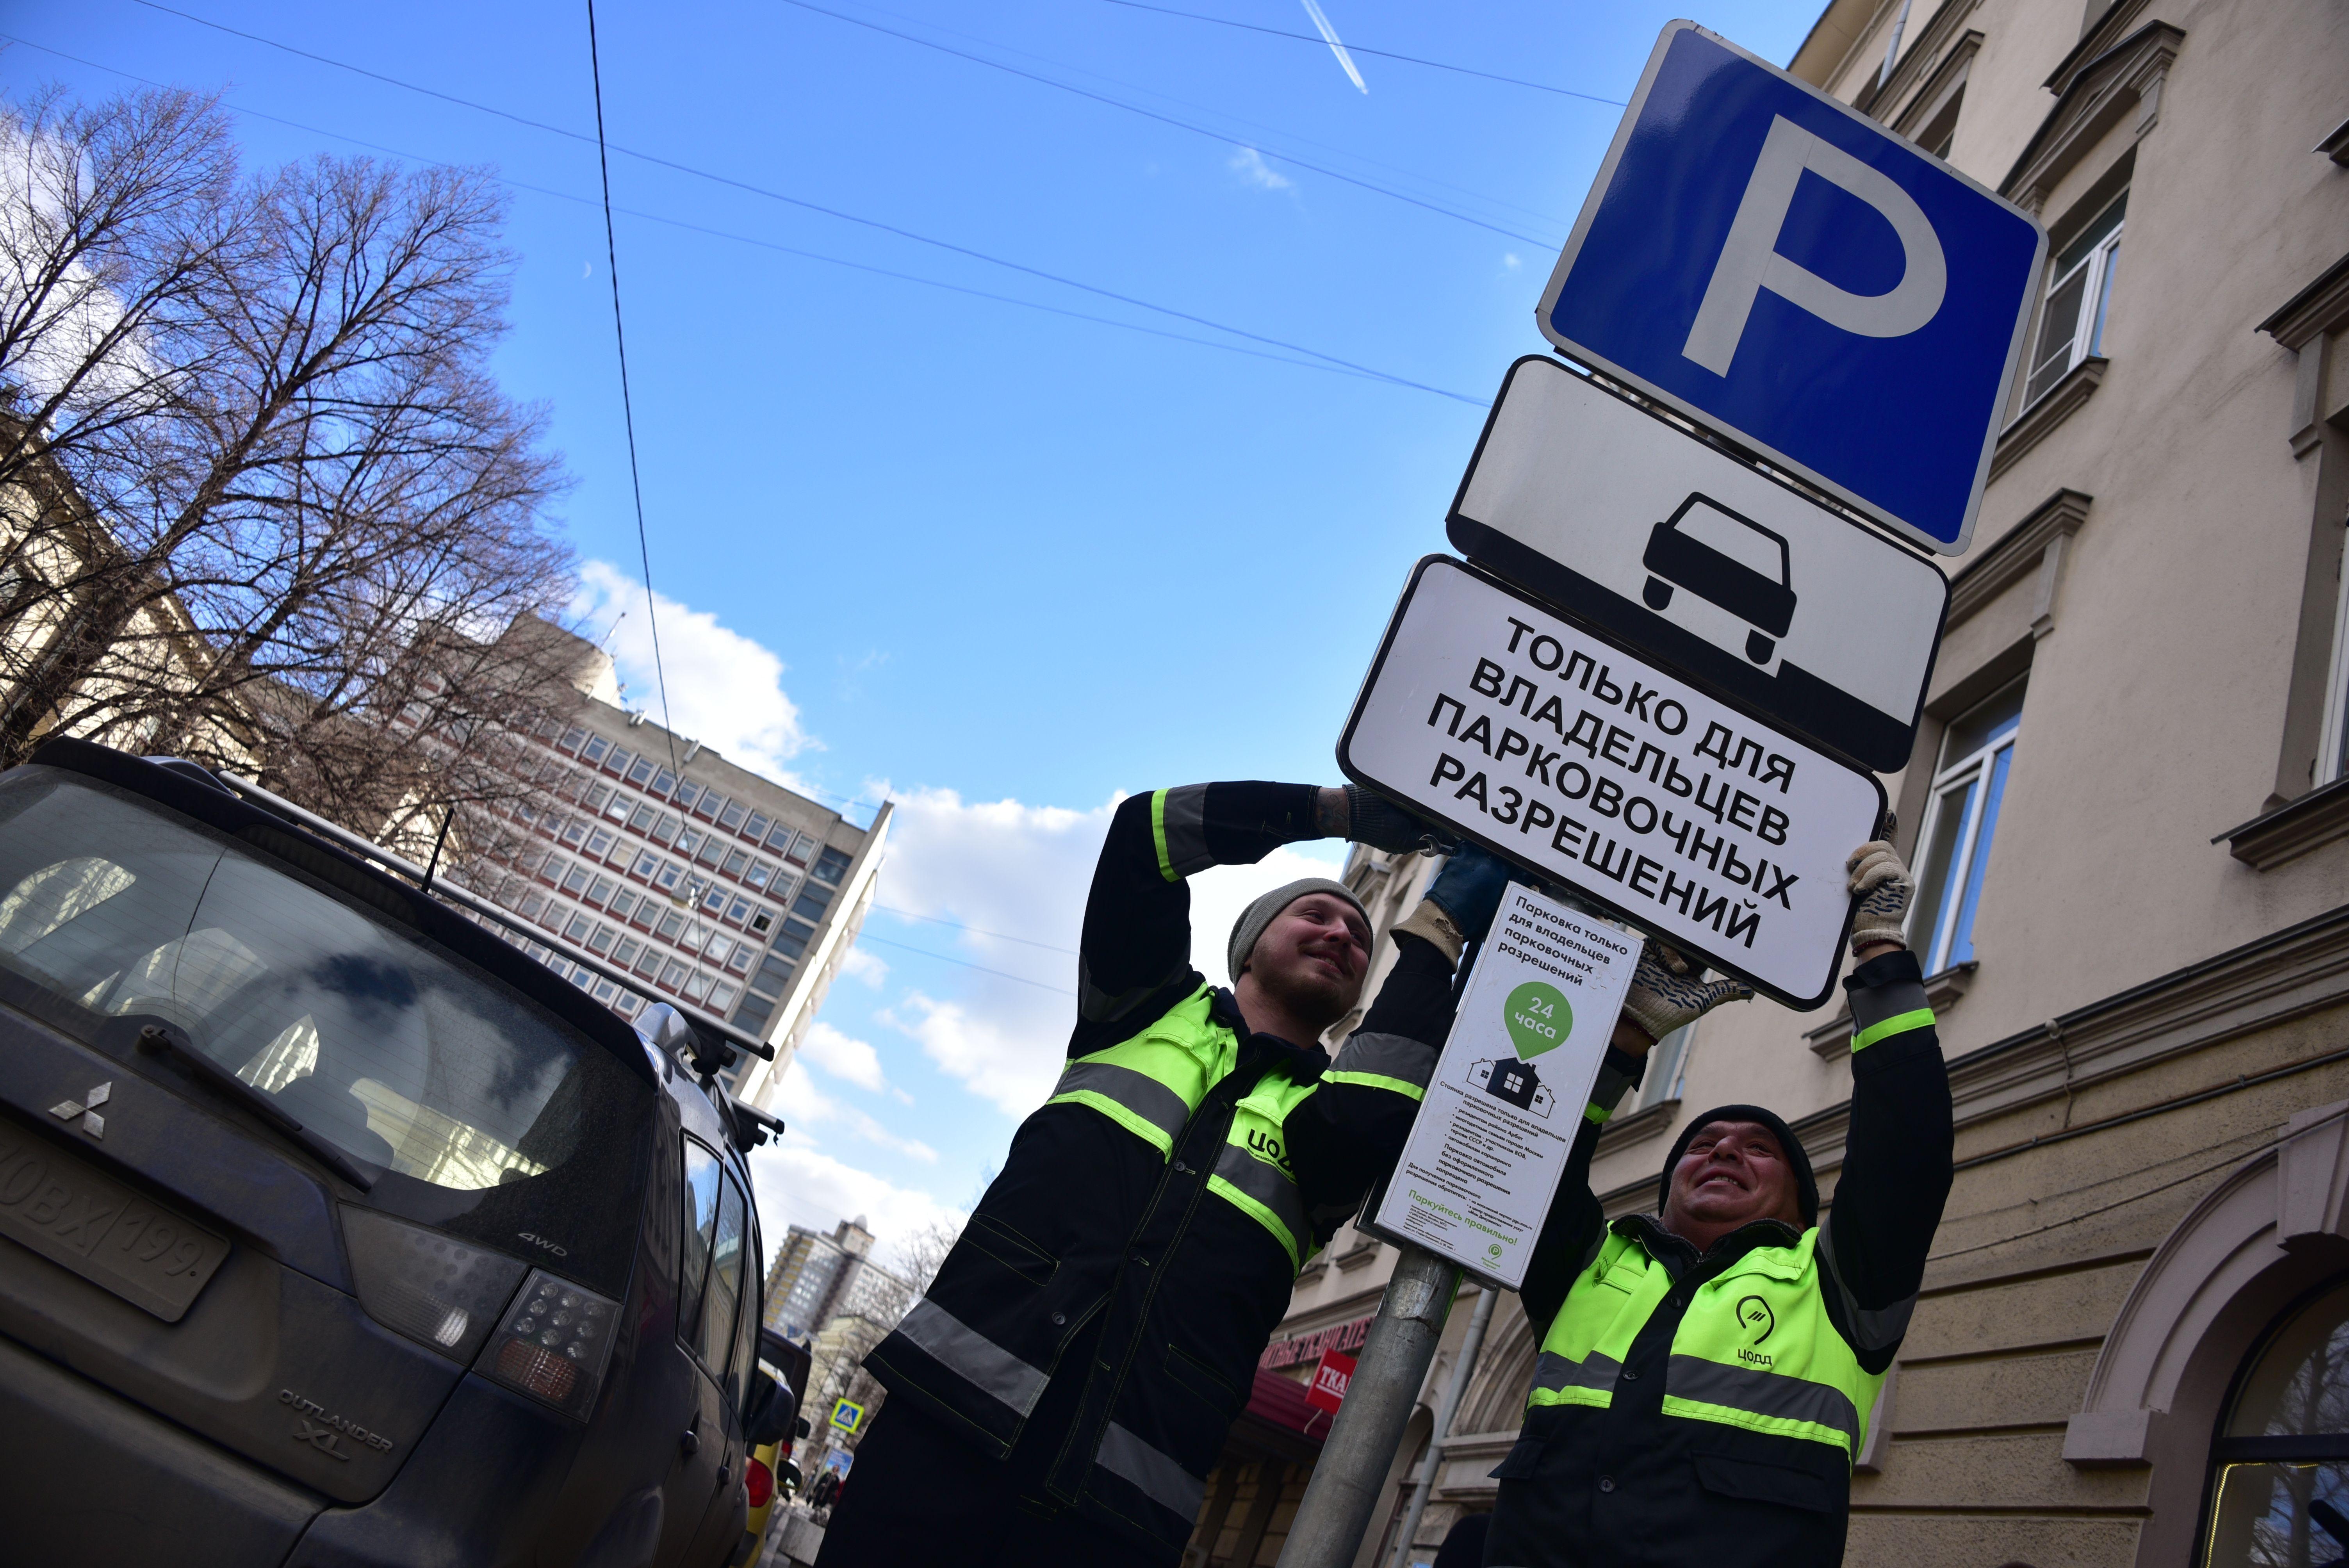 Резидентам парковки разрешили платить в рассрочку